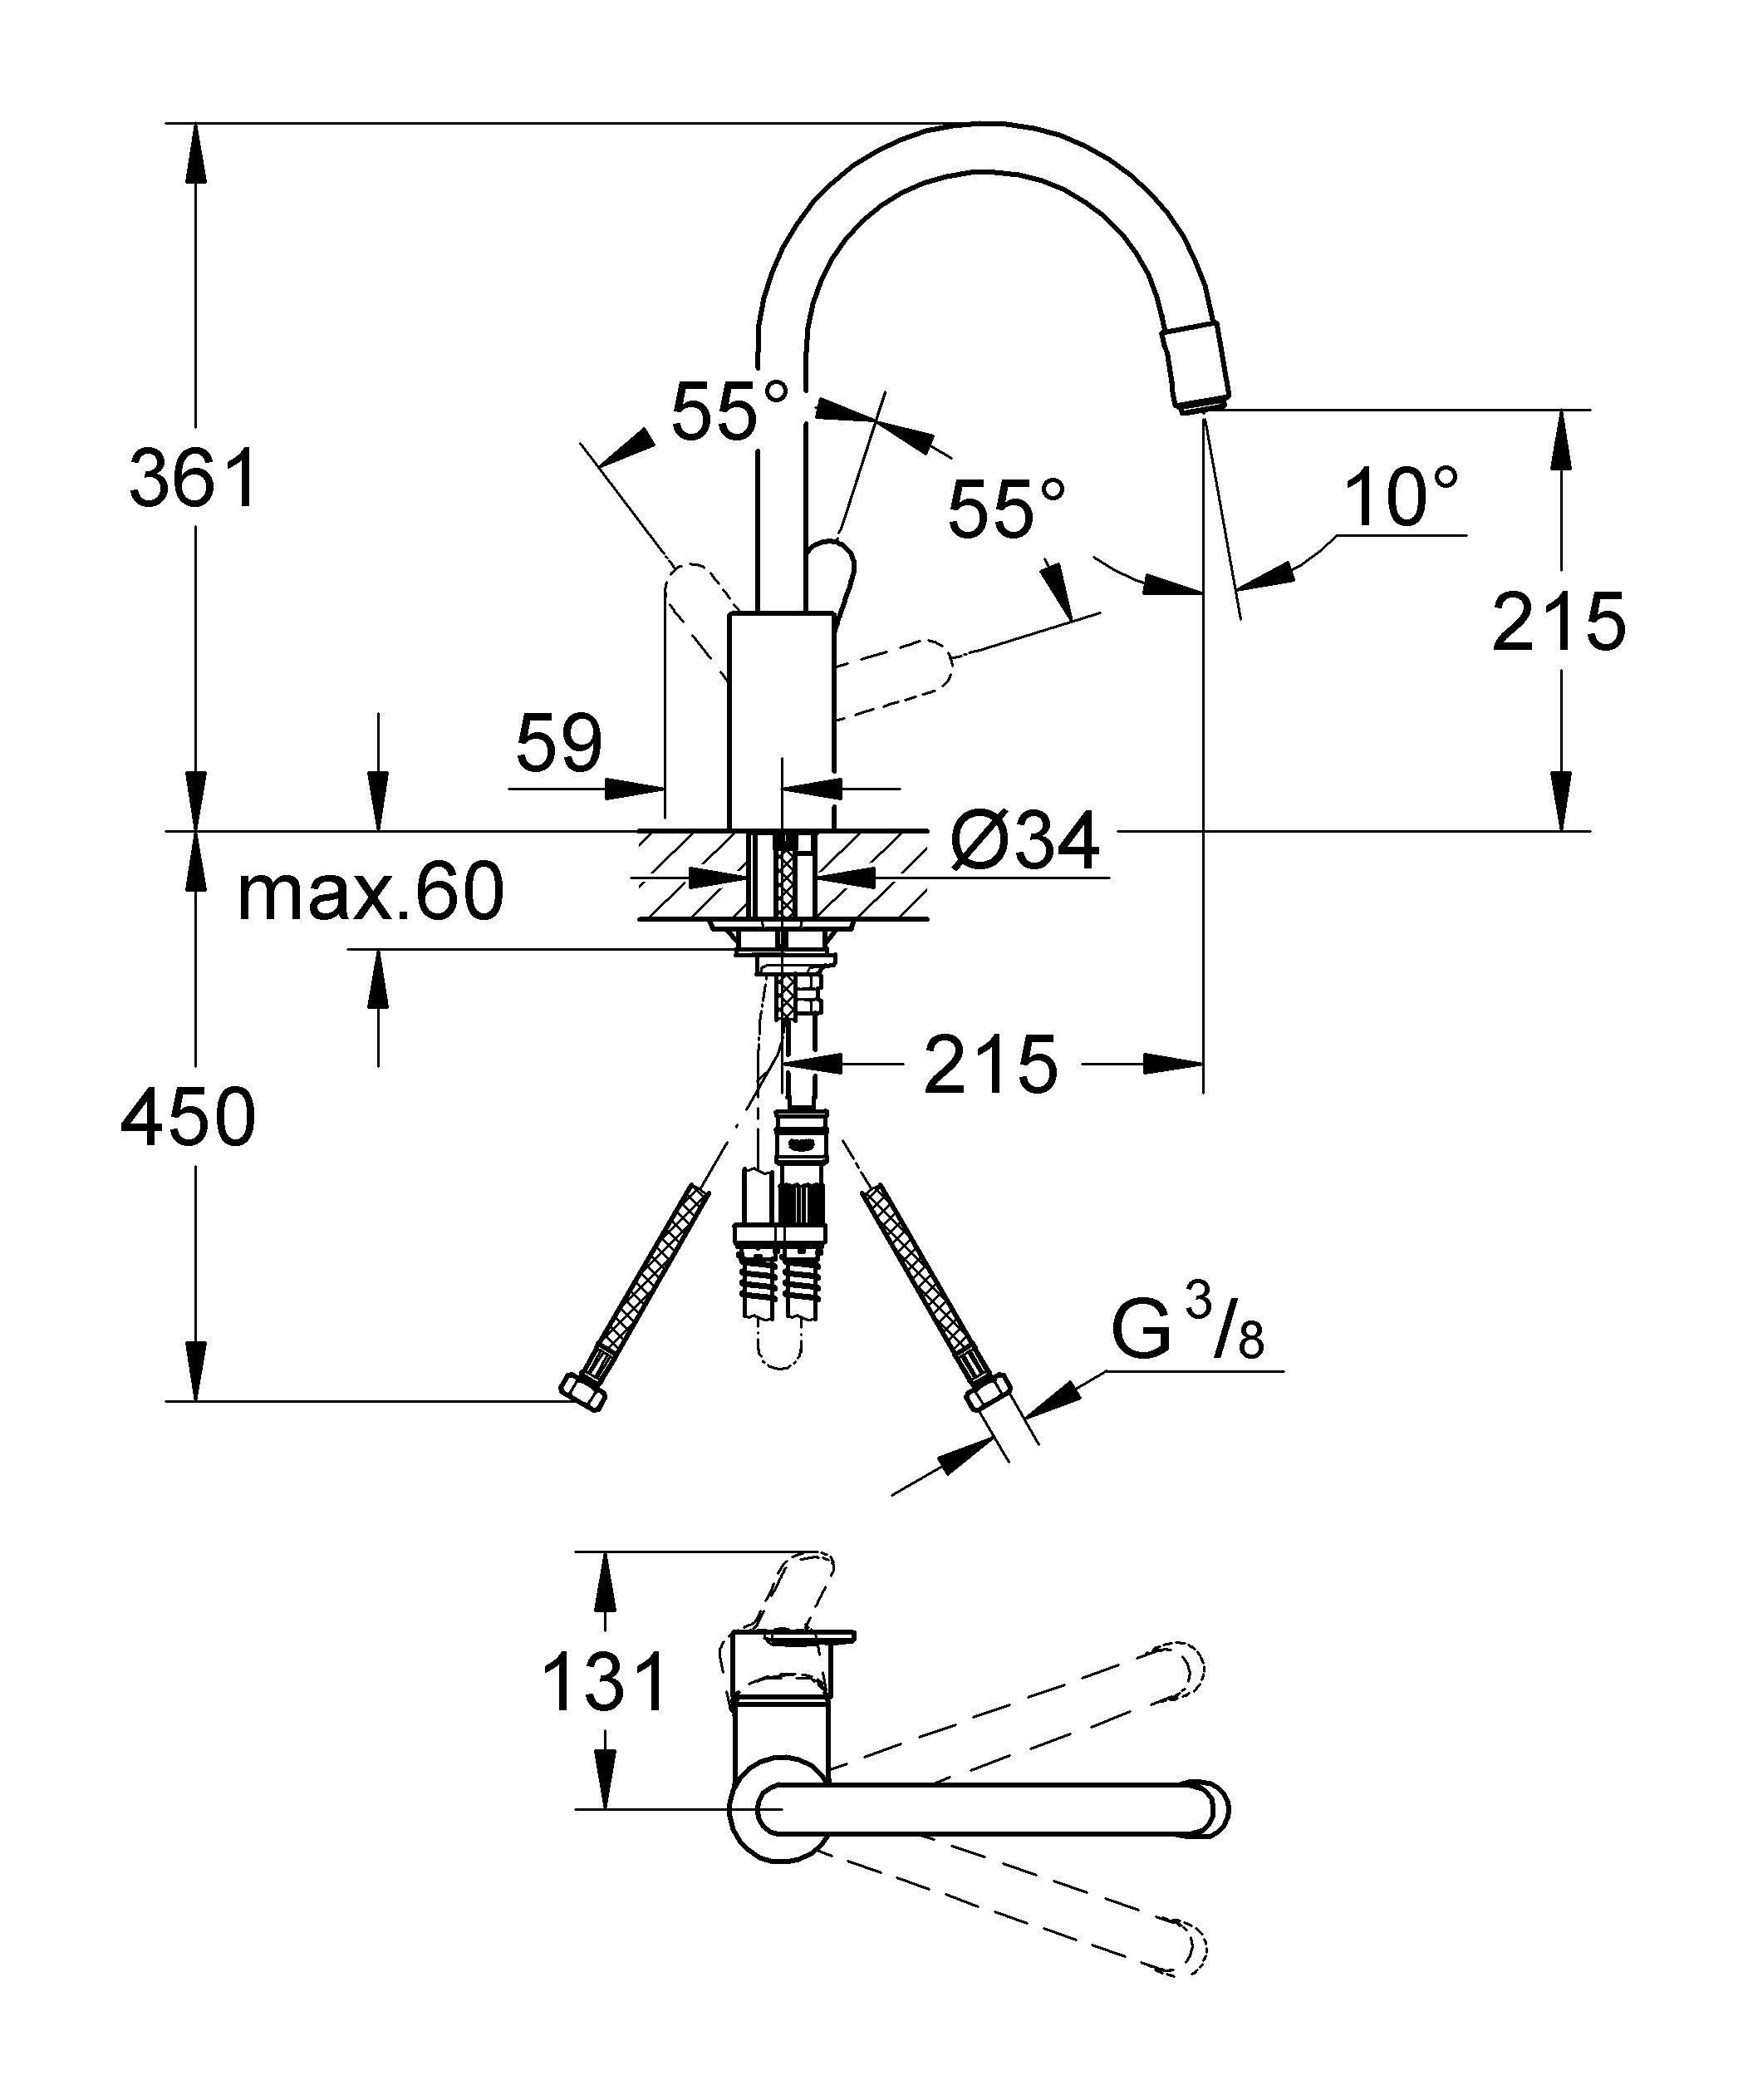 GROHE Eurostyle Cosmopolitan: смеситель для кухни с выдвижной лейкой Этот кухонный смеситель из серии Eurostyle Cosmopolitan обеспечивает всю необходимую свободу движений  при повседневной работе на кухне. Высокий излив с регулируемым радиусом вращения, который можно установить на значение 0°, 150° или 360°, позволяет с легкостью наполнять и ополаскивать крупные емкости. Дополнительно рабочую зону охвата расширяет удобная выдвижная лейка, с помощью которой удобно ополаскивать мойку и мыть овощи. Конструктивная технология GROHE SilkMove обеспечивает плавность и легкость регулировки температуры и напора воды. Благодаря выразительному дизайнерскому решению, данный смеситель для мойки станет центром внимания в интерьере кухни. Хромированное покрытие GROHE StarLight поможет ему сохранять свой безупречный сияющий вид даже после многих лет эксплуатации. Благодаря всем этим преимуществам, а также простоте и быстроте монтажа, данный смеситель является во всех отношениях идеальным выбором для оснащения кухни. Особенности:   Высокий излив  Монтаж на одно отверстие  GROHE SilkMove керамический картридж 35 мм  GROHE StarLight хромированная поверхность   Регулировка расхода воды  Поворотный трубкообразный излив  Радиус поворота 360°  Выдвижной излив с аэратором  Гибкая подводка  С защитой от обратного потока  Система быстрого монтажа    Видео по установке является исключительно информационным. Установка должна проводиться профессионалами!